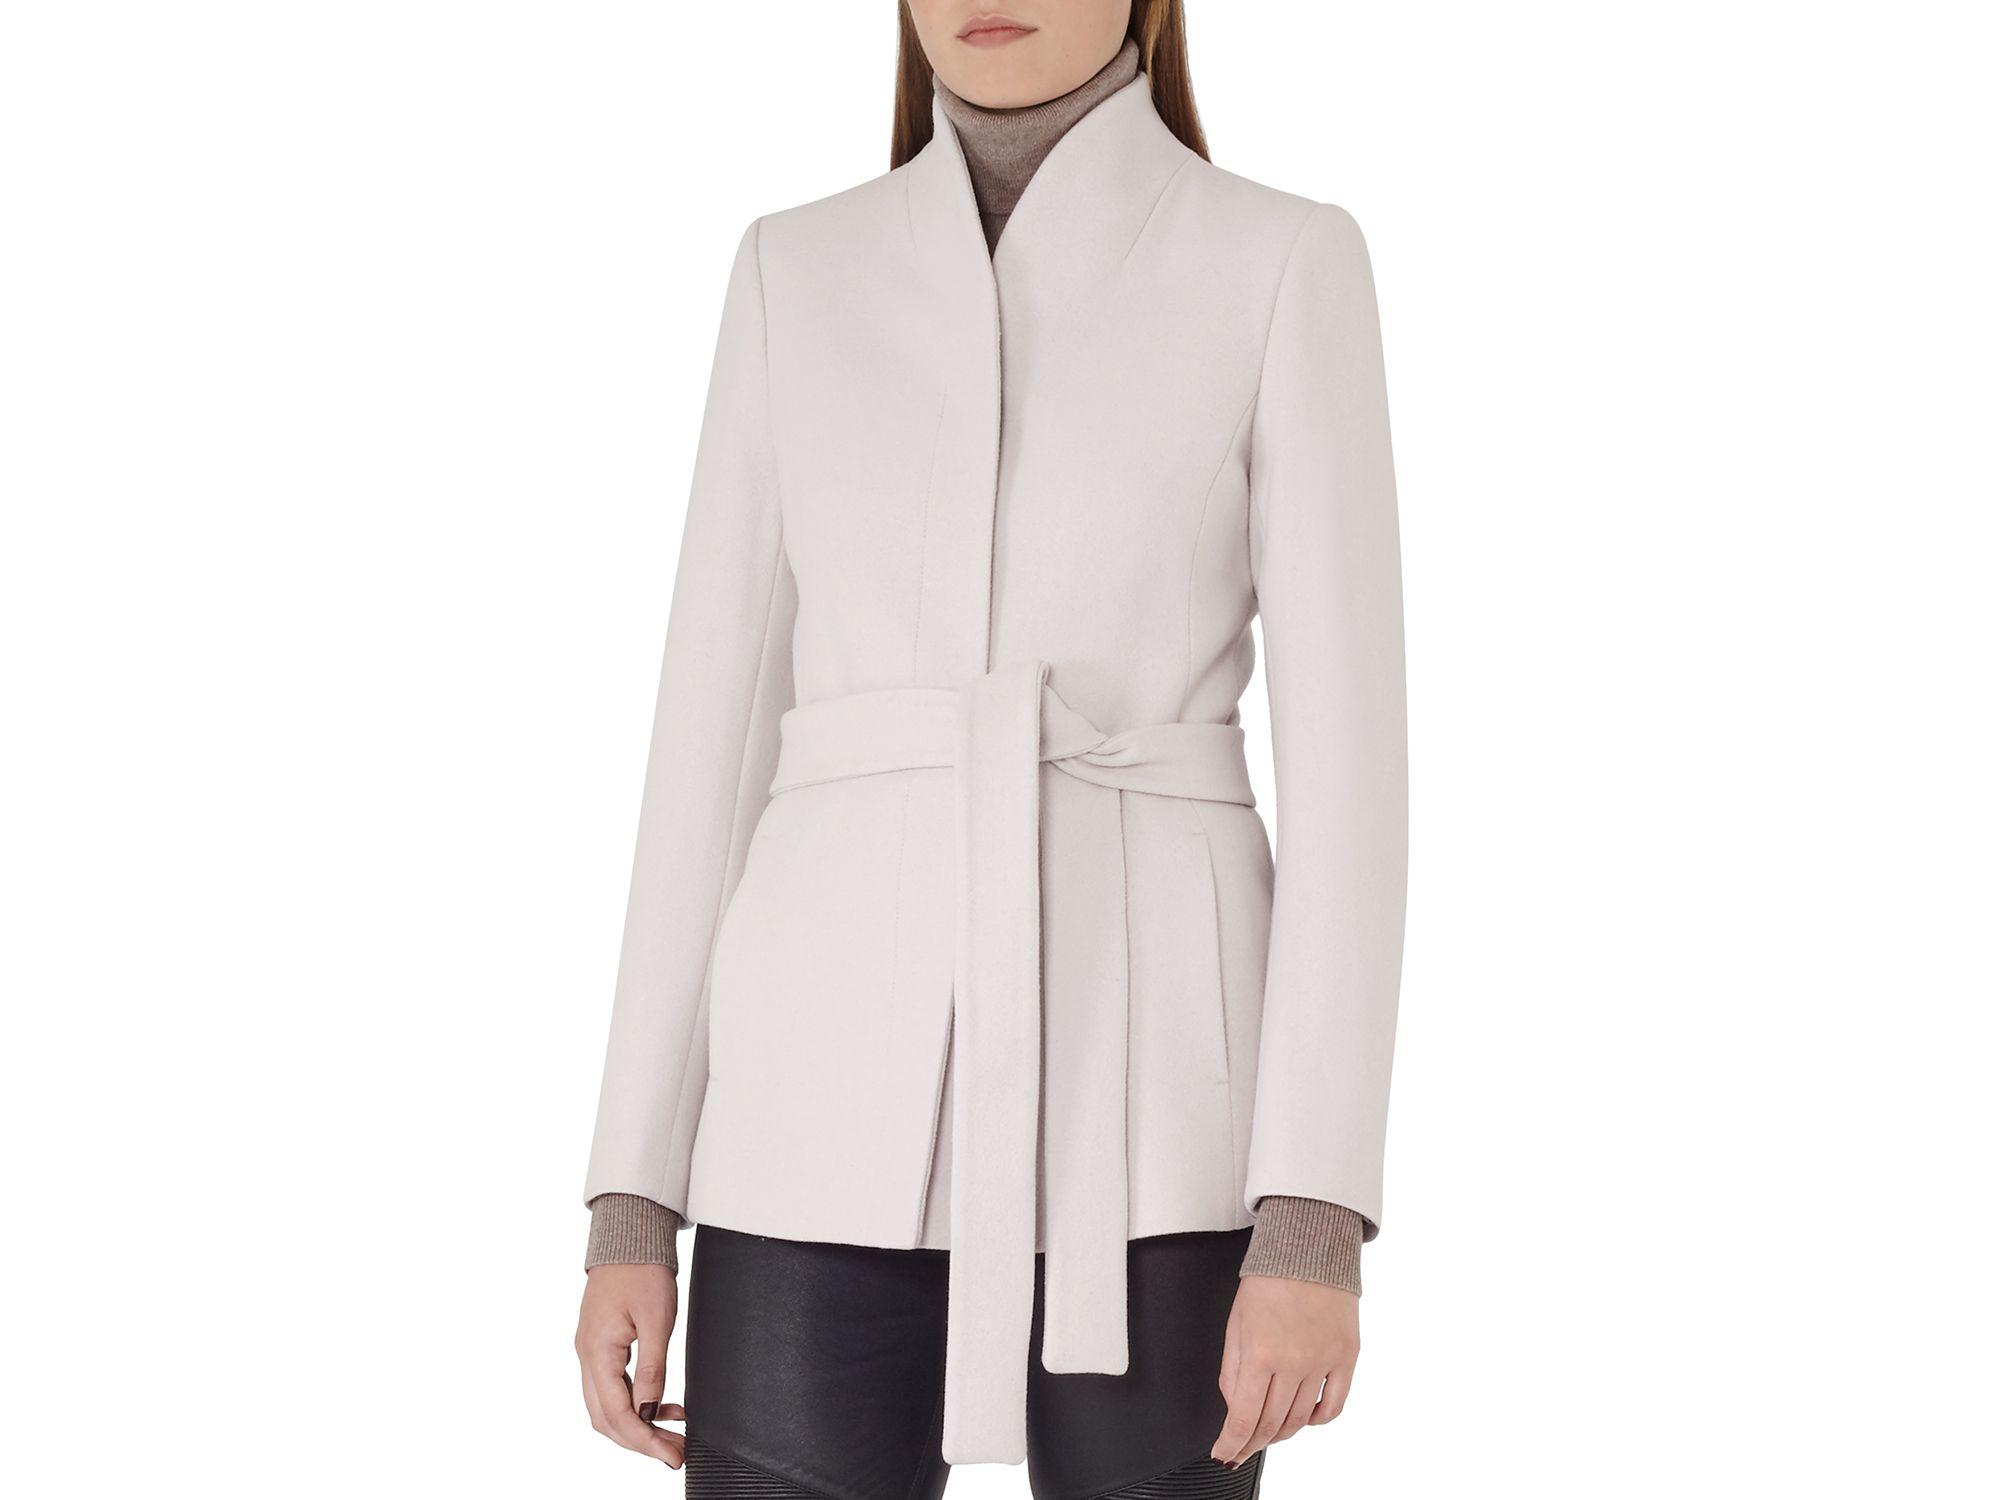 Reiss Sami Short Wrap Coat in Natural | Lyst